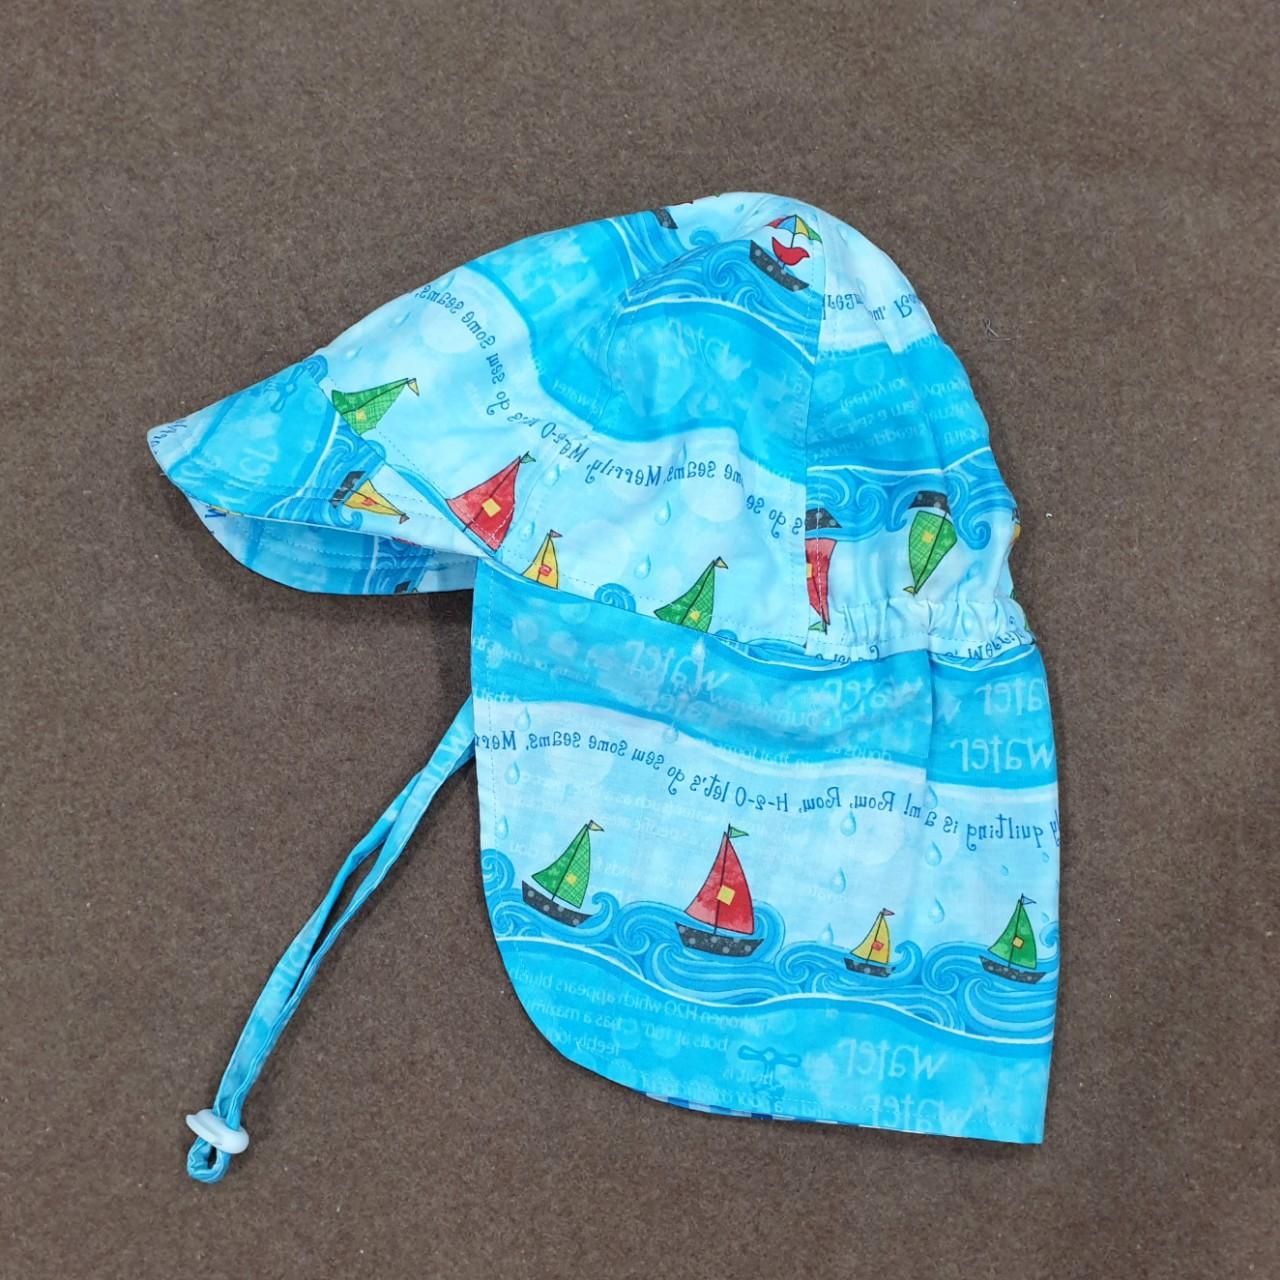 Mũ che gáy chống nắng cho bé trai, bé gái từ 0 - 12 tuổi mẫu thuyền, biển cả mũ đi dã ngoại